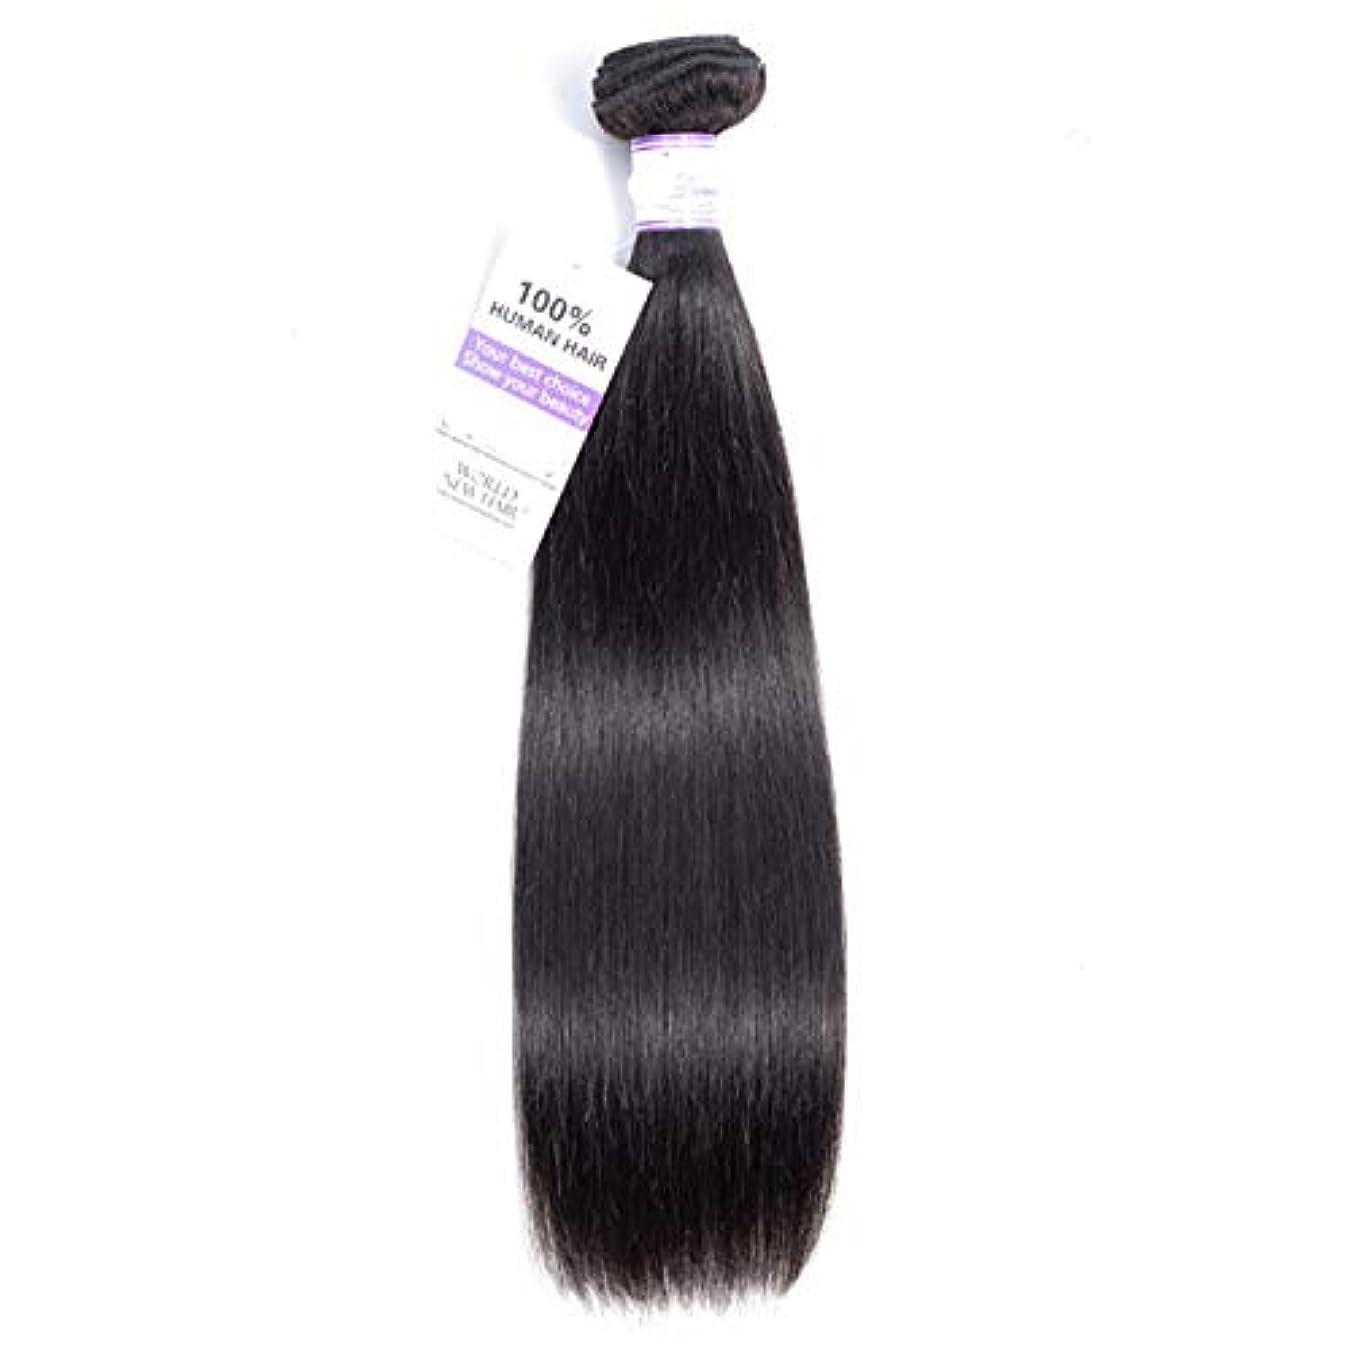 湿地始めるわずらわしいペルーのストレートヘア織り髪バンドル8-28インチ100%人毛織り非レミー髪ナチュラルカラー1ピース (Stretched Length : 22inches)